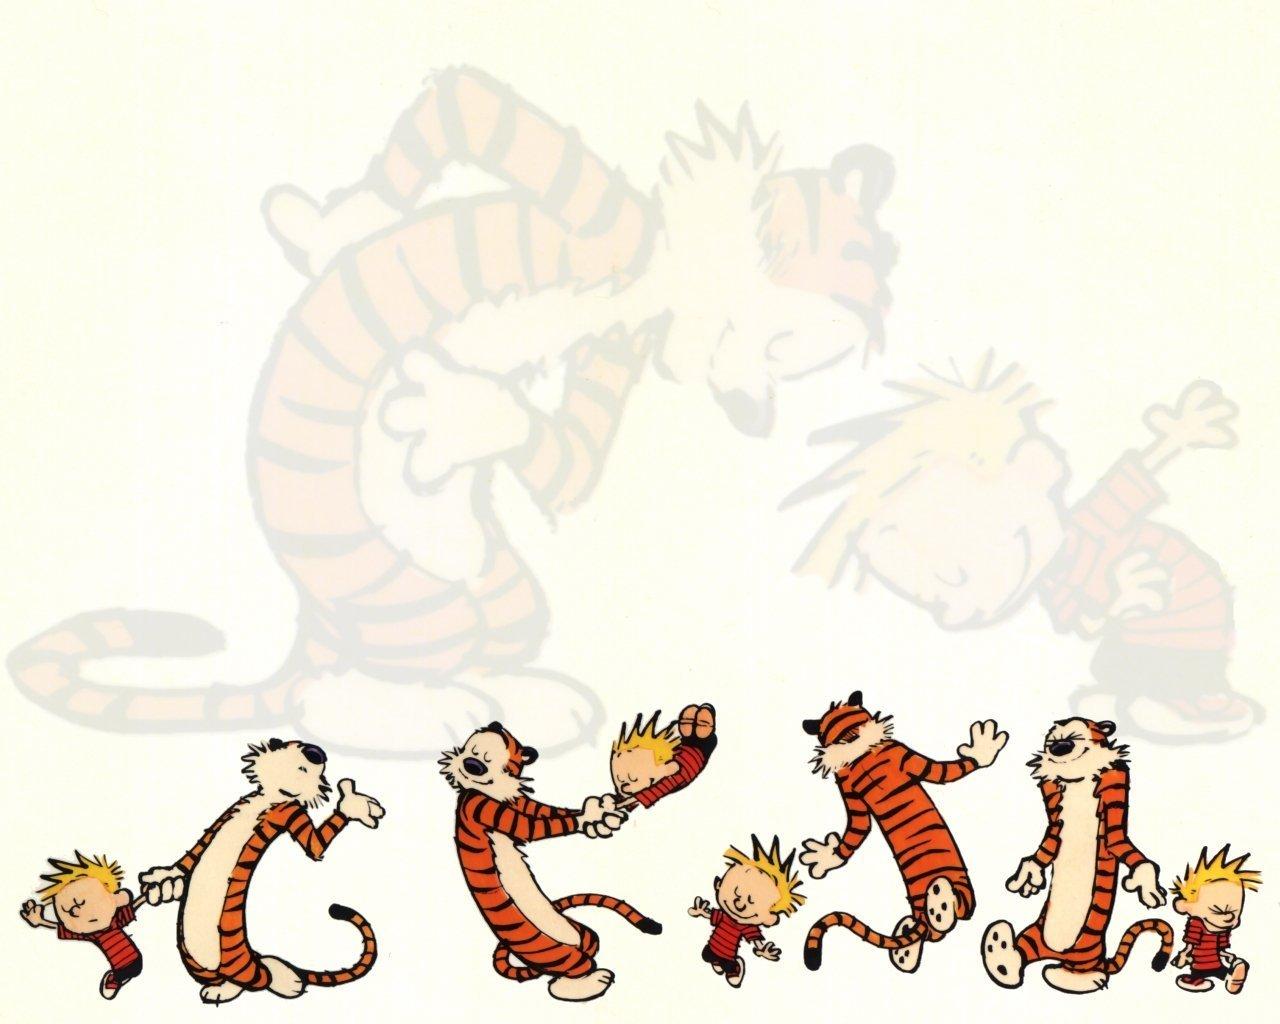 http://1.bp.blogspot.com/_PkV8UIk_K94/TLHOld6rRFI/AAAAAAAAACE/_-K9fwD8Jf0/s1600/Calvin-and-Hobbes-Dancing-calvin-and-hobbes-1395520-1280-1024.jpg